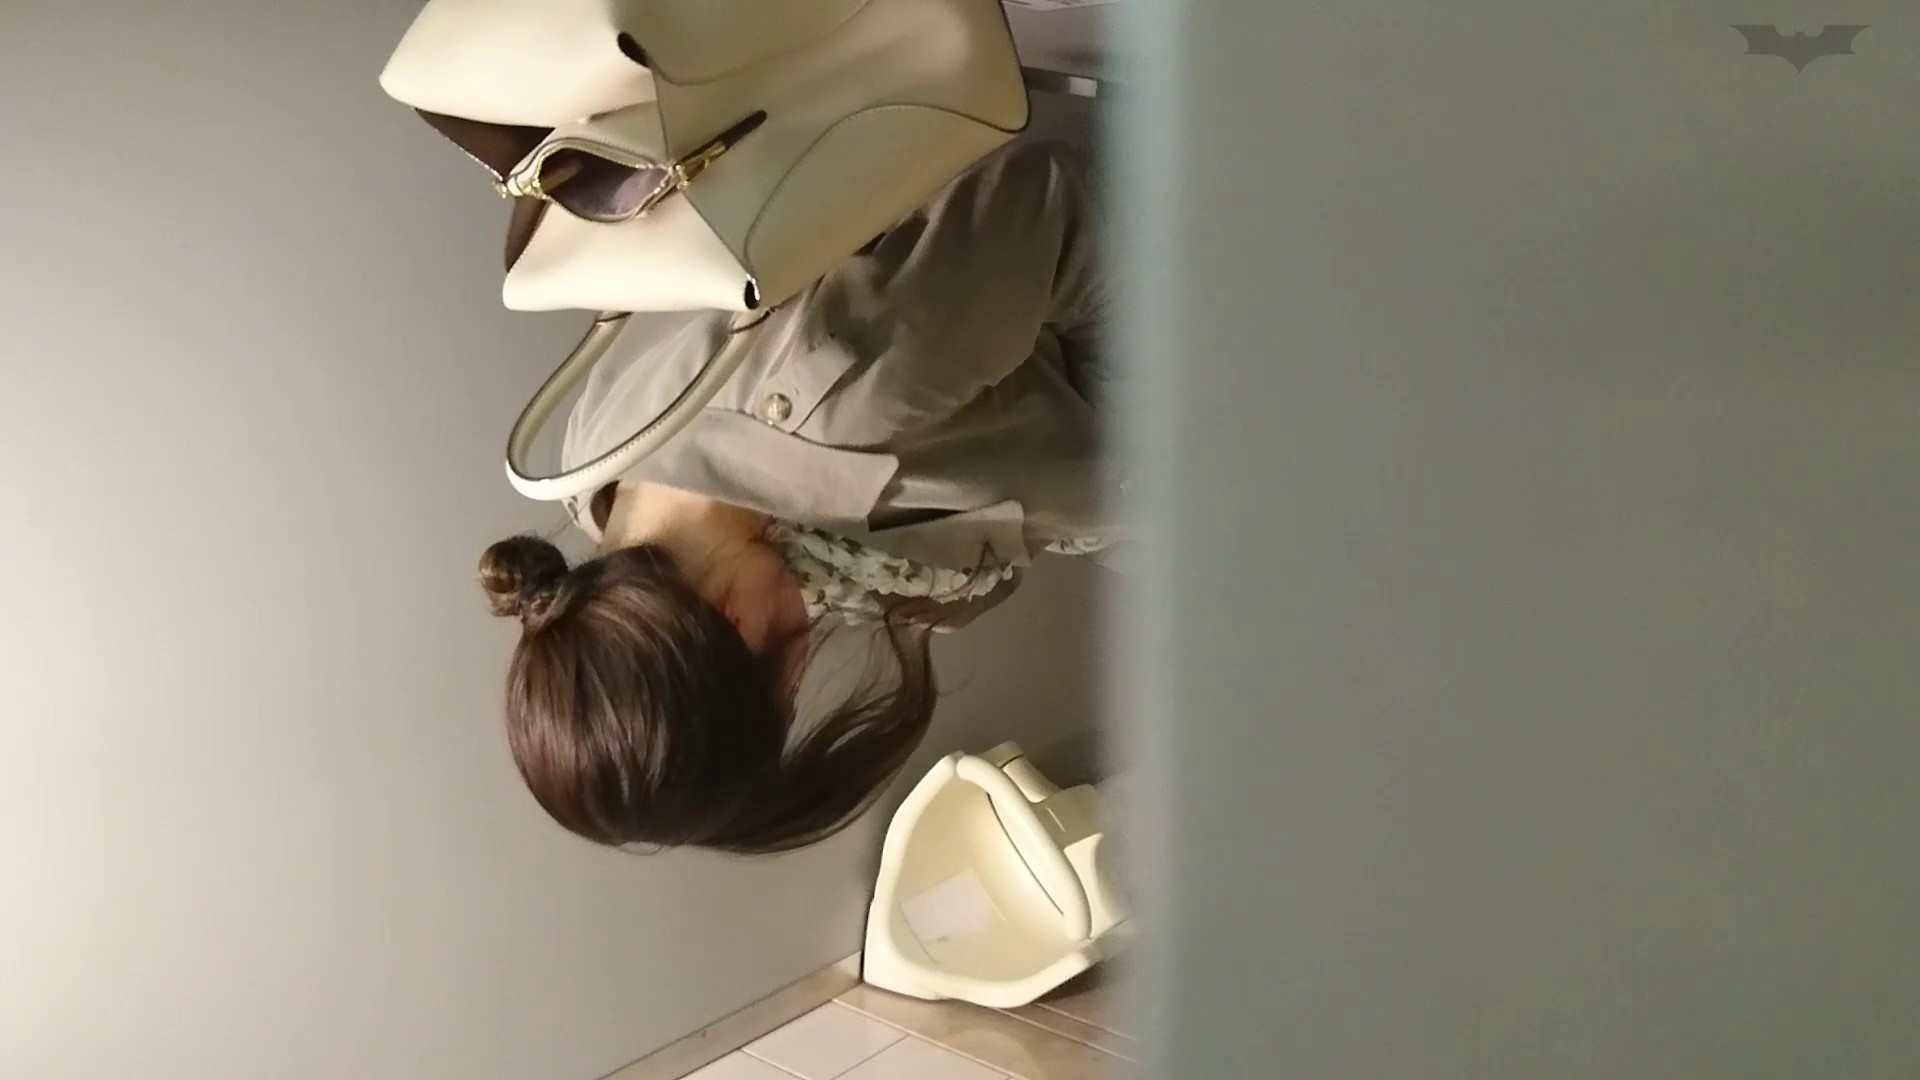 化粧室絵巻 ショッピングモール編 VOL.22 いやらしいOL  46連発 28